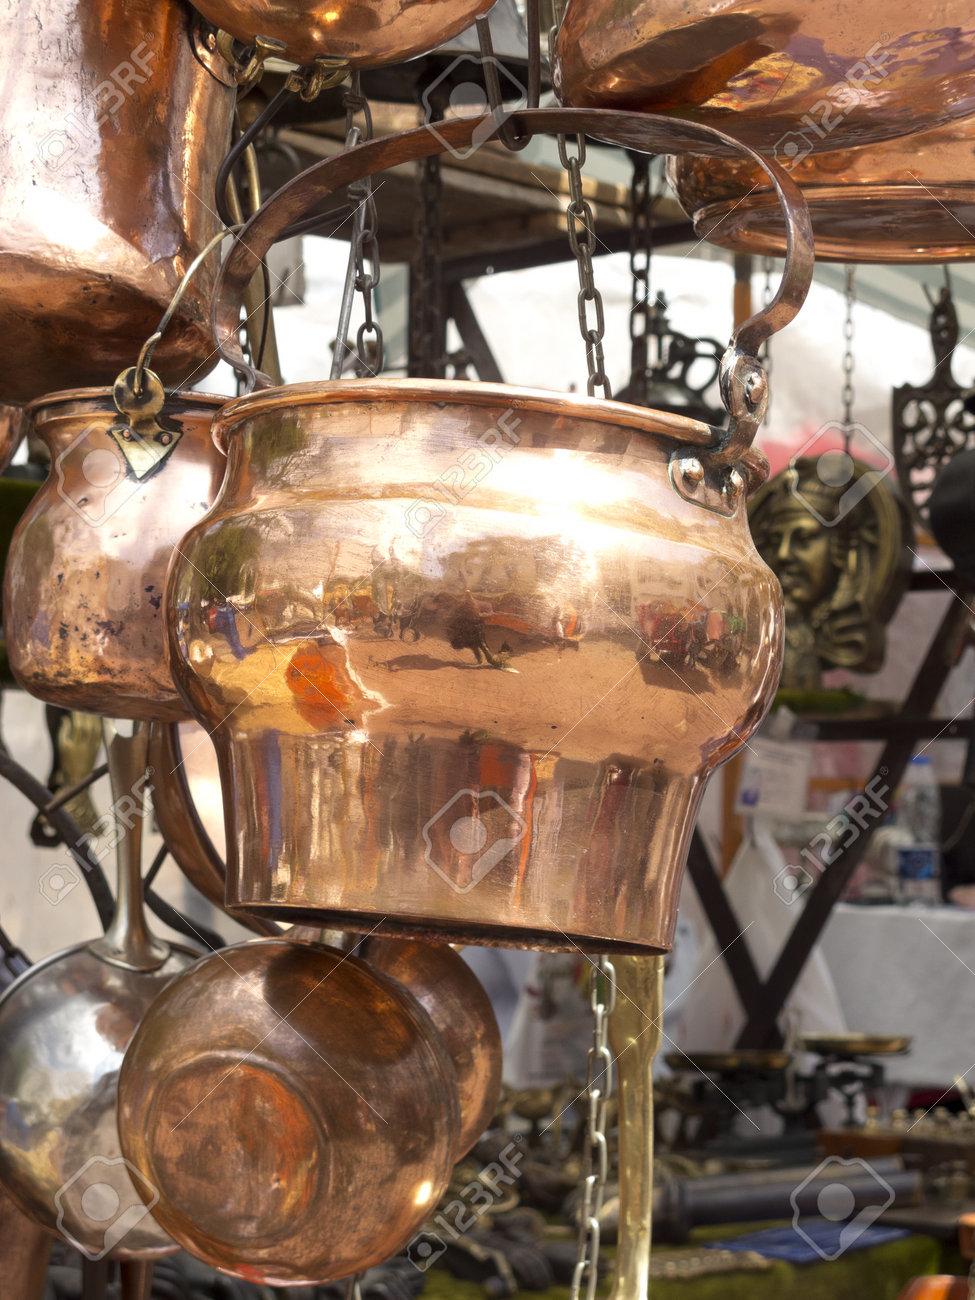 Verkauf Antikes Kupfer Küchenutensilien. San Telmo Markt In Buenos ...